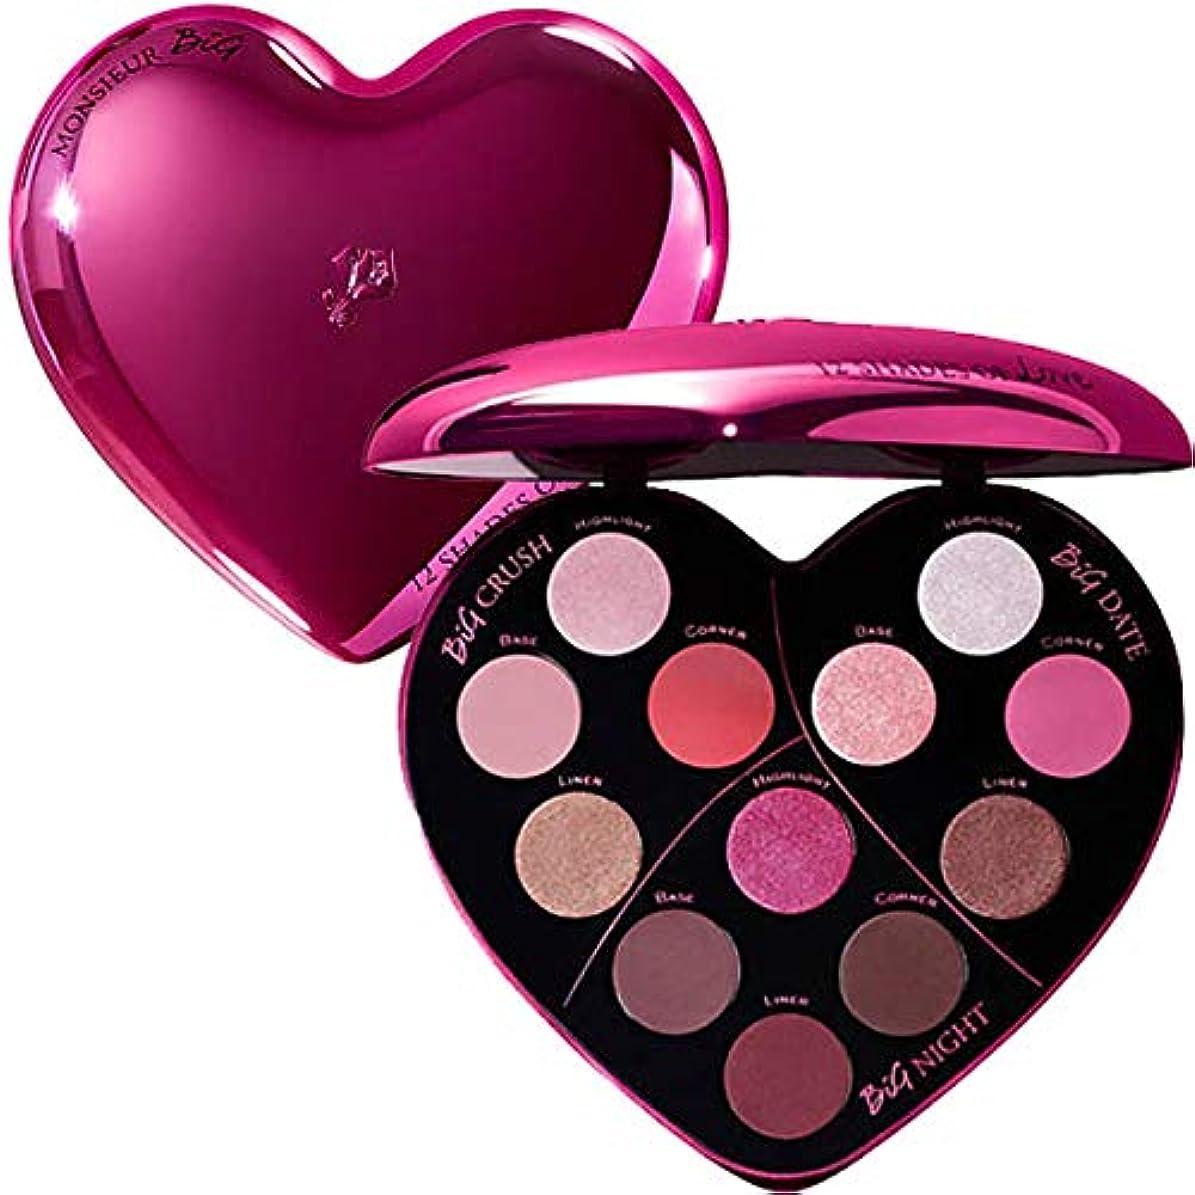 上がるすべて法律ランコム(LANCOME), 限定版 limited-edition Monsieur Big Heart-Shaped Eyeshadow Palette [海外直送品] [並行輸入品]